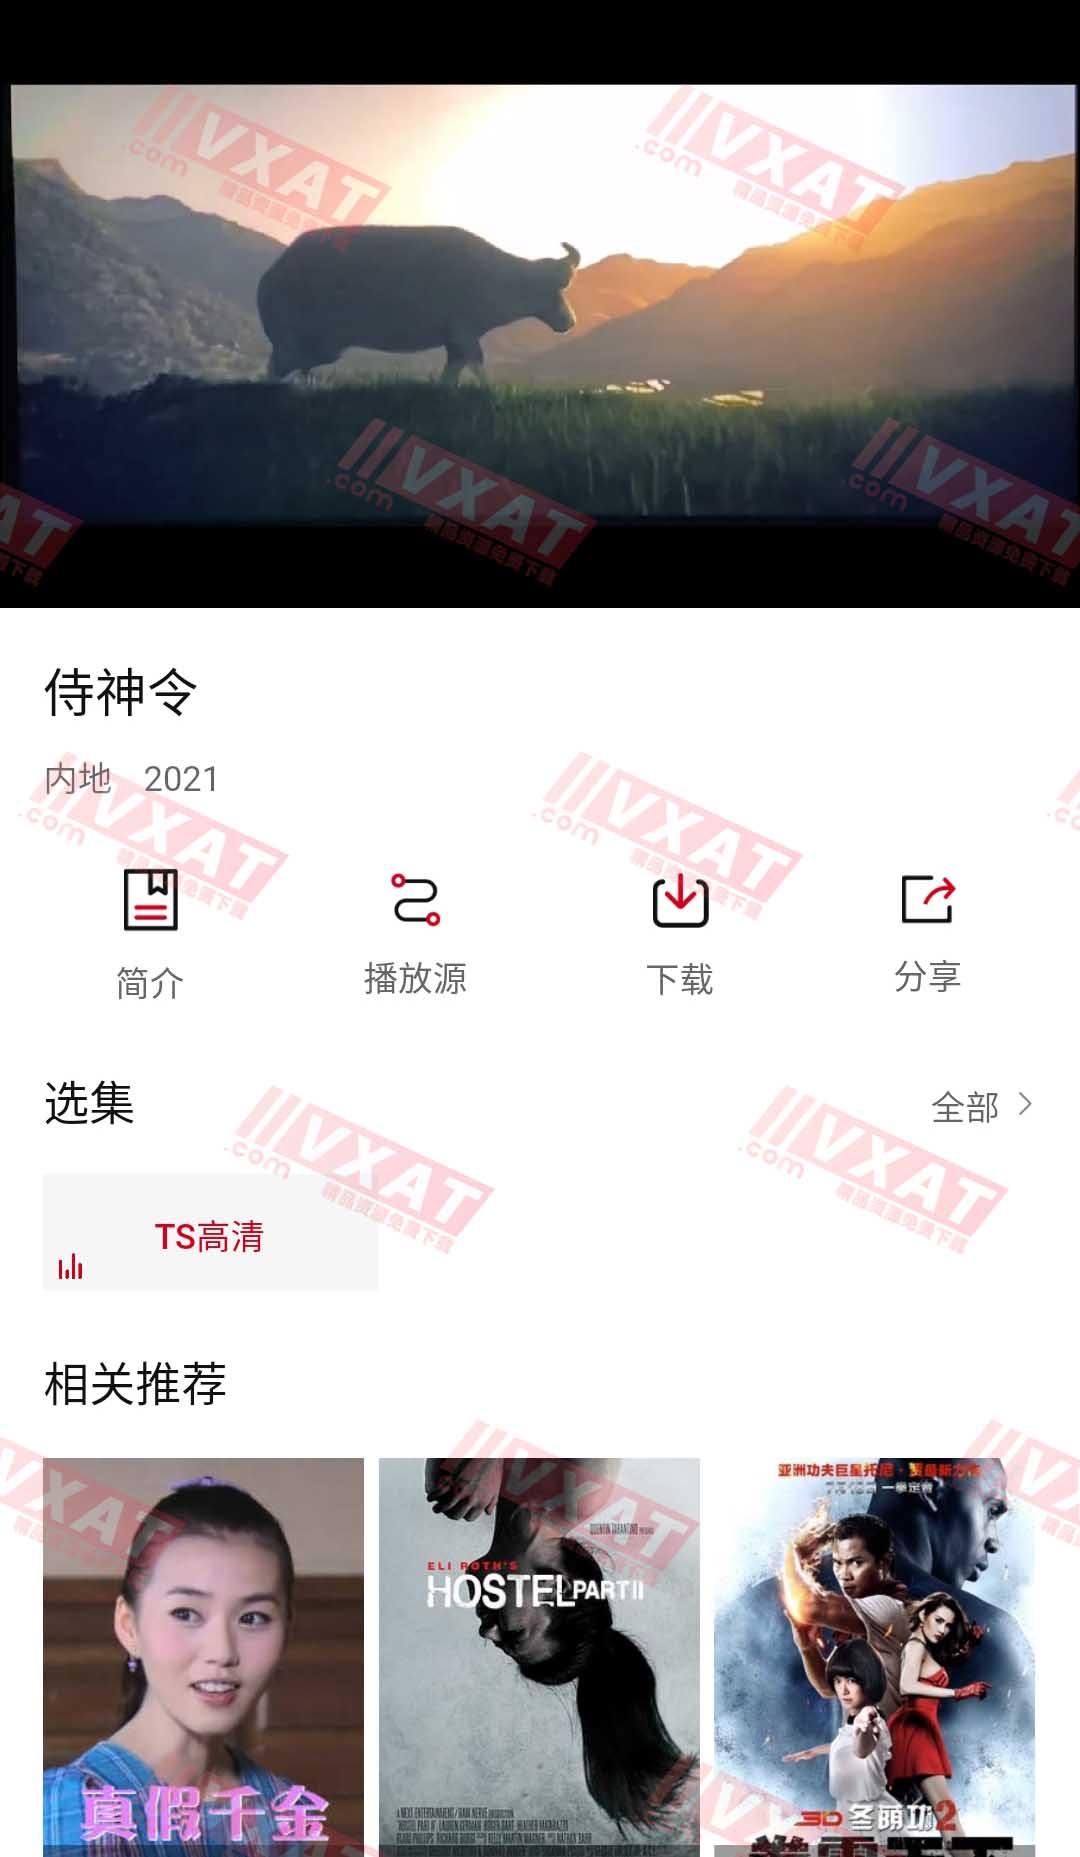 九合视频 v4.3.0 安卓版 第2张